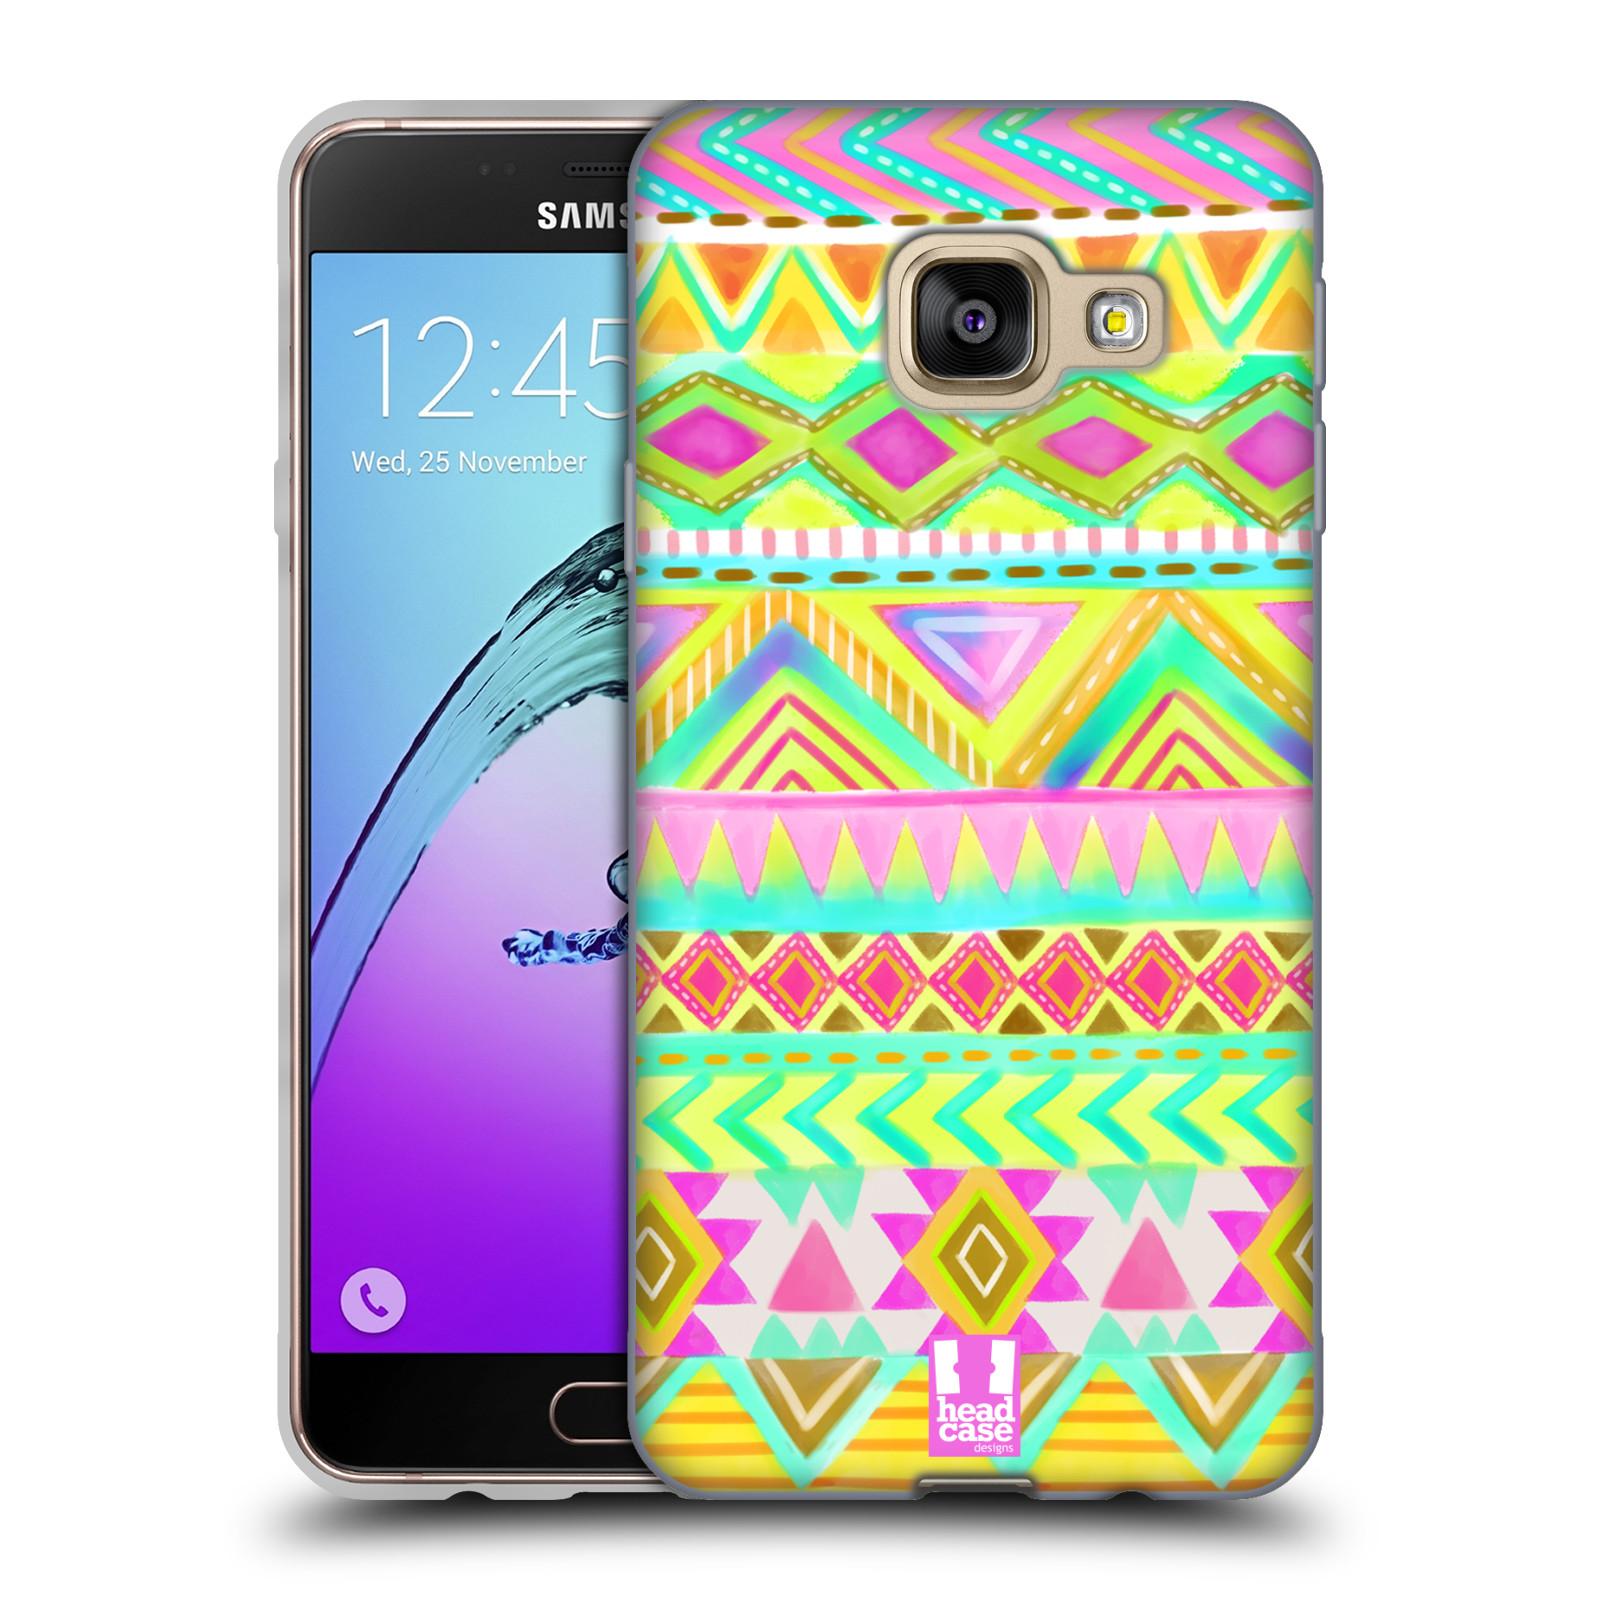 c95477274 HEAD CASE silikonový obal na mobil Samsung Galaxy A3 2016 vzor CIK CAK  barevné znaky VÝCHOD empty